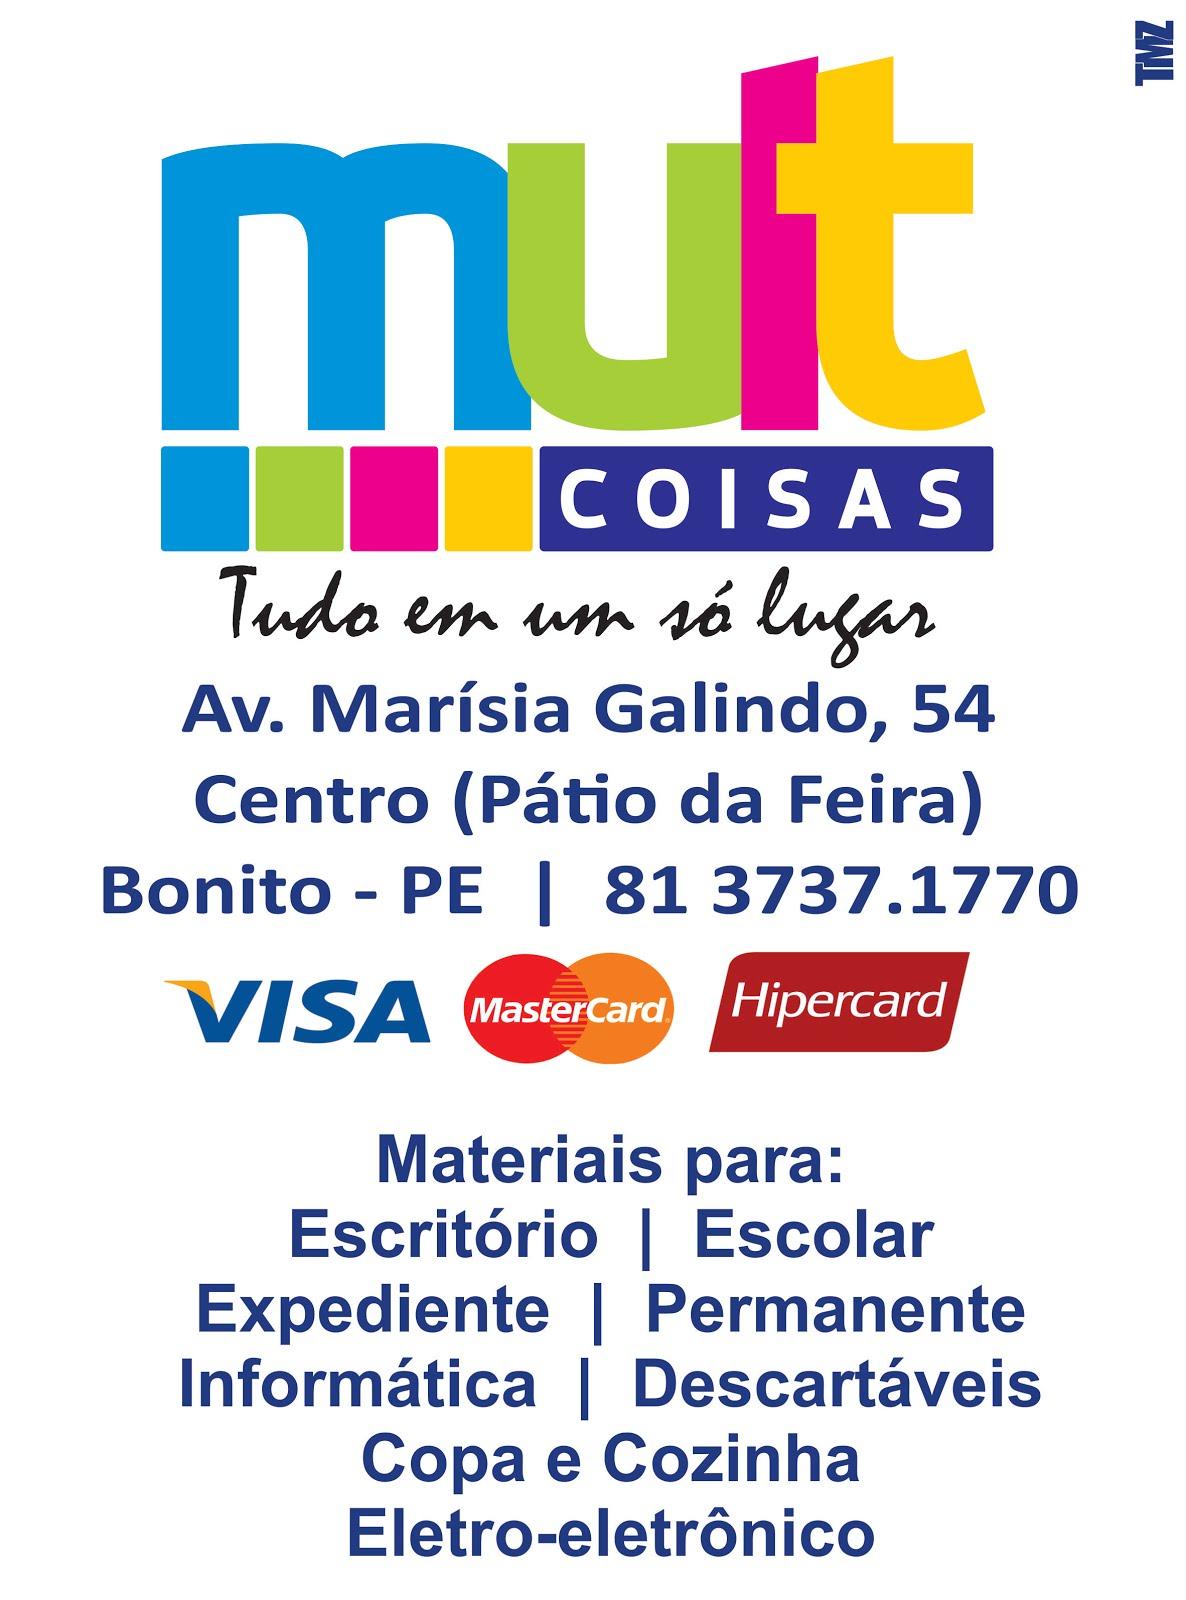 Publicidade - MultCoisas